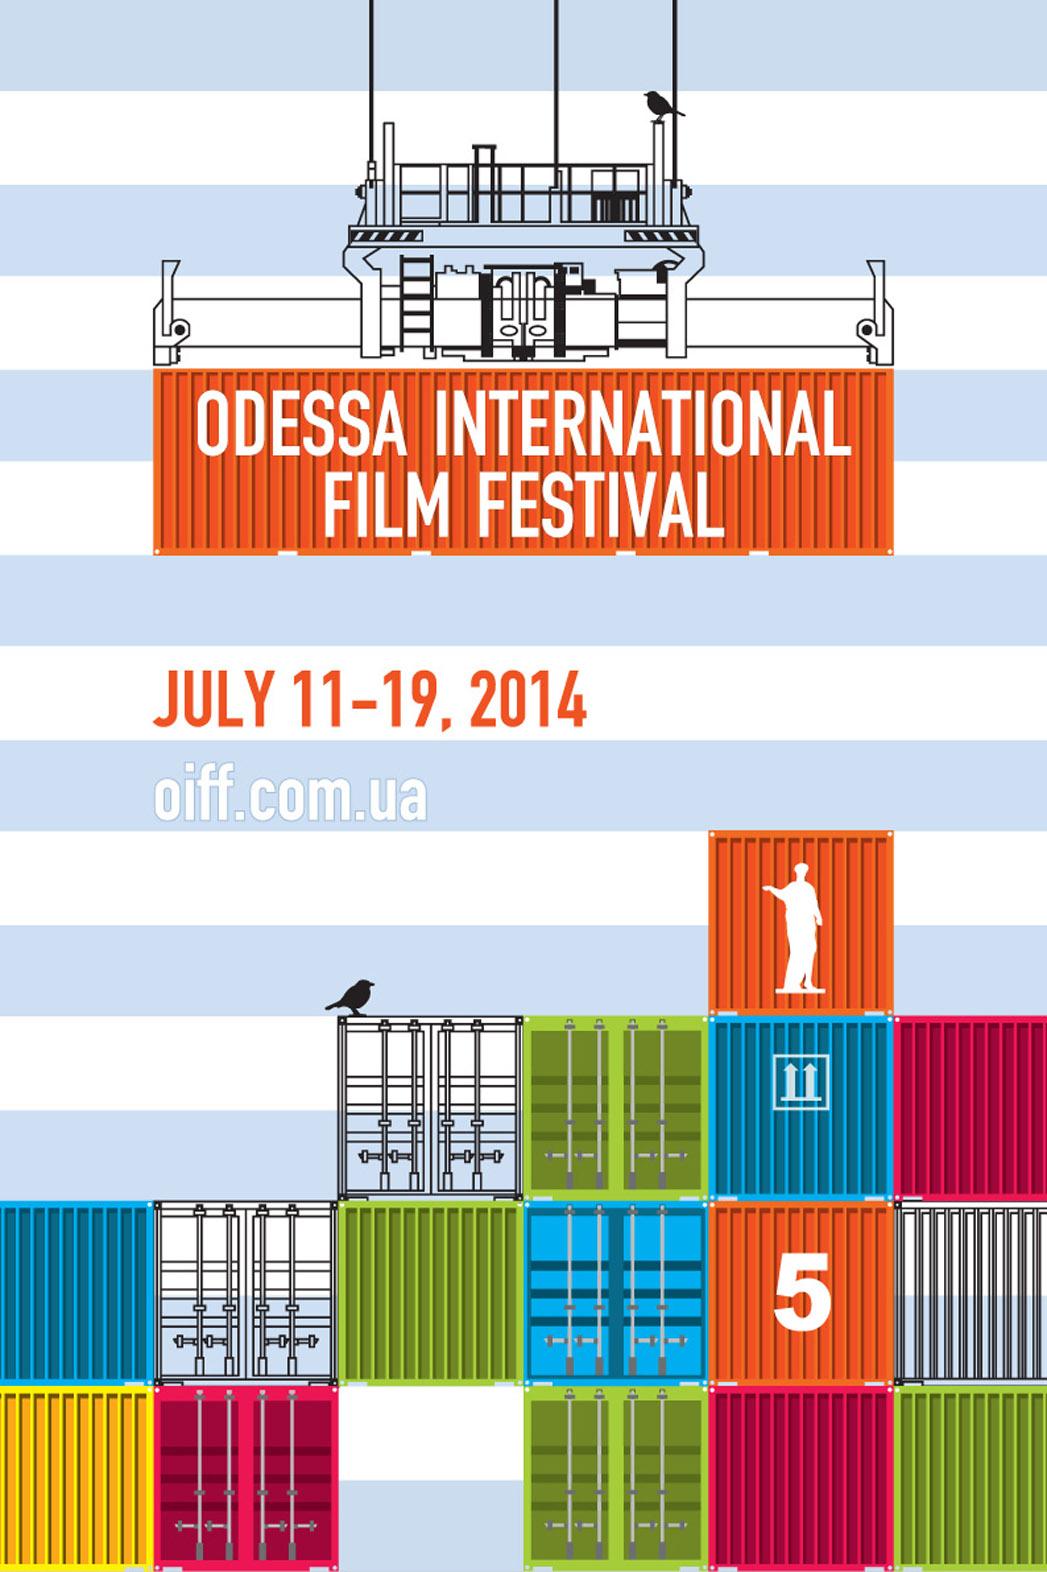 Odessa Film Festival 5th edition poster - P 2014